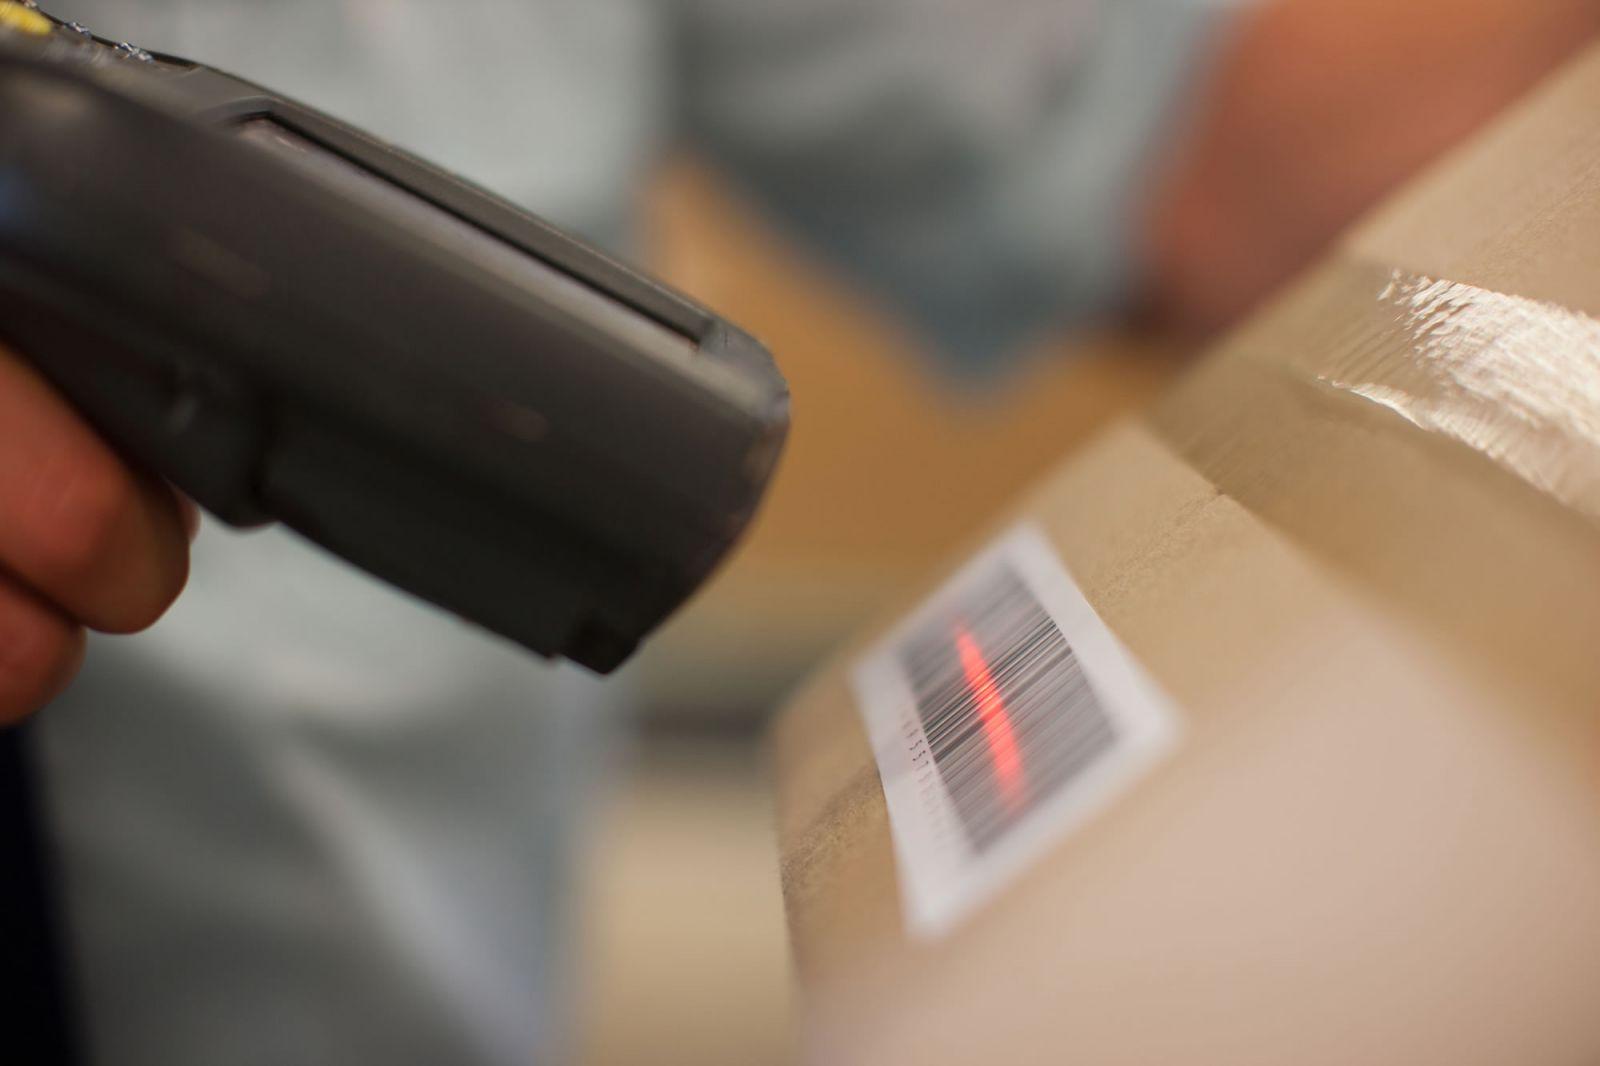 расшифровка штрих кодов на товаре